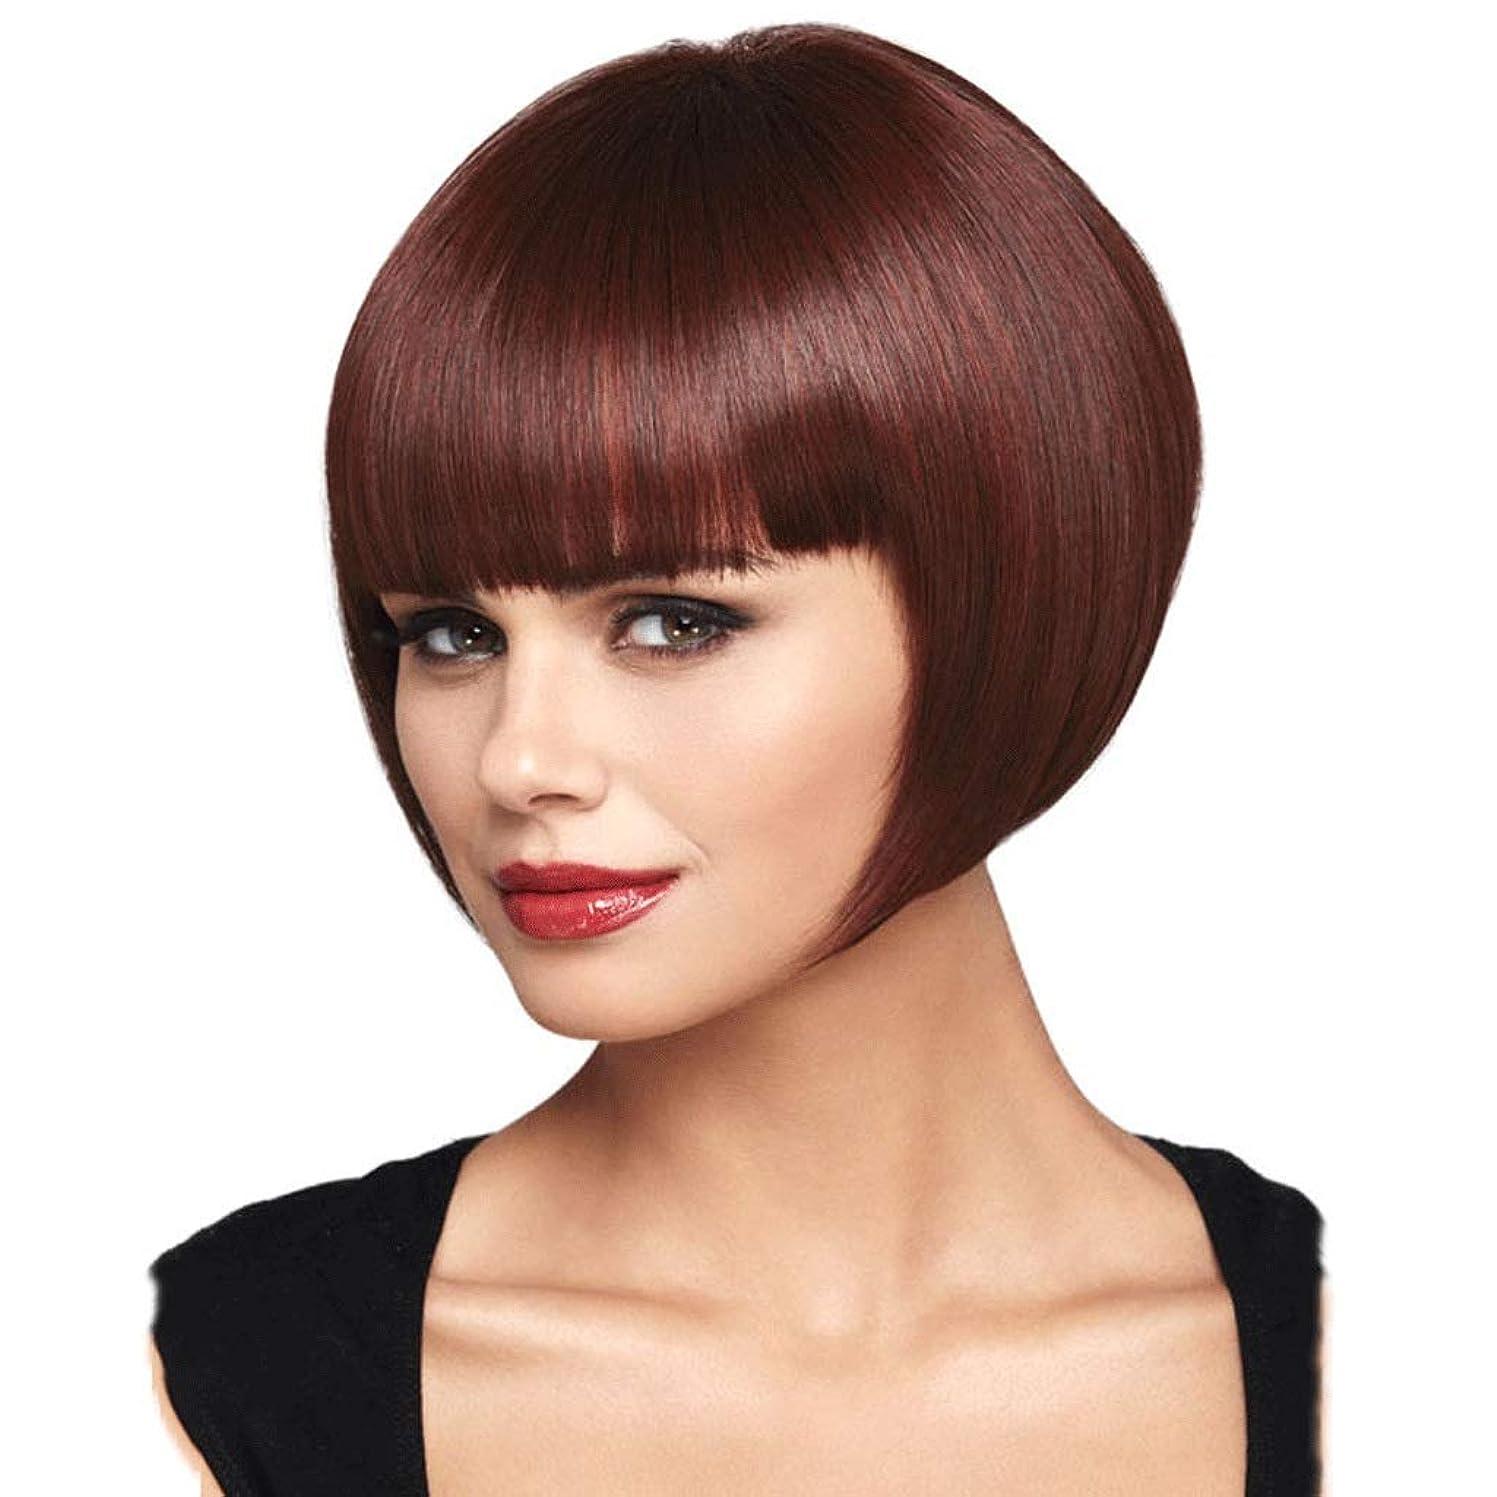 ピービッシュ疑い者北へ女性ワインレッドショートストレートボブウィッグ、リアルヘアコスプレウィッグとしてナチュラル前髪ボブウィッグ (Color : Wine red)